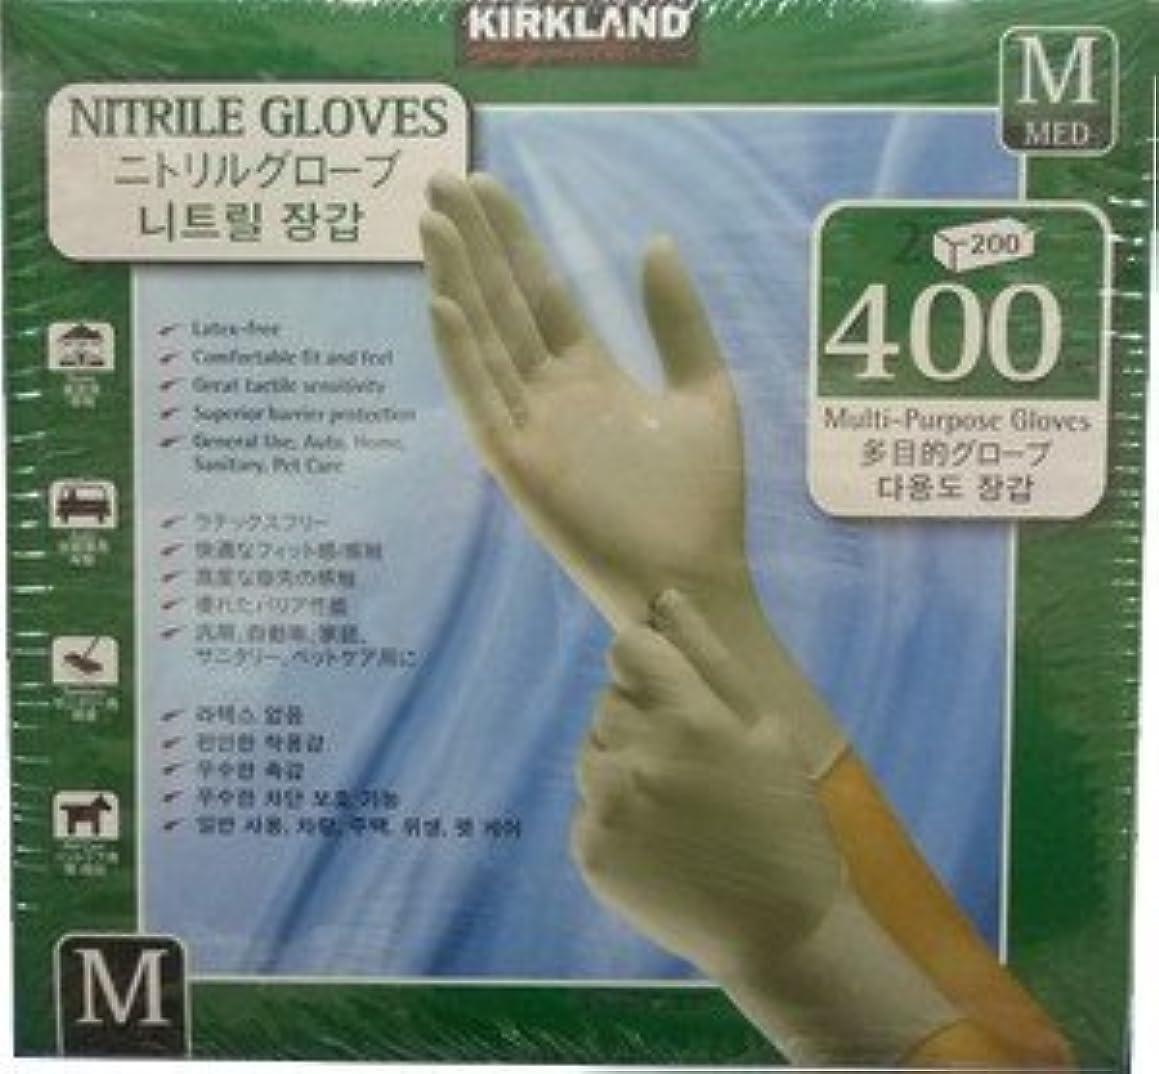 ラッシュマルコポーロ例KIRKLAND カークランド ニトリルグローブ 手袋 Mサイズ 200枚×2箱